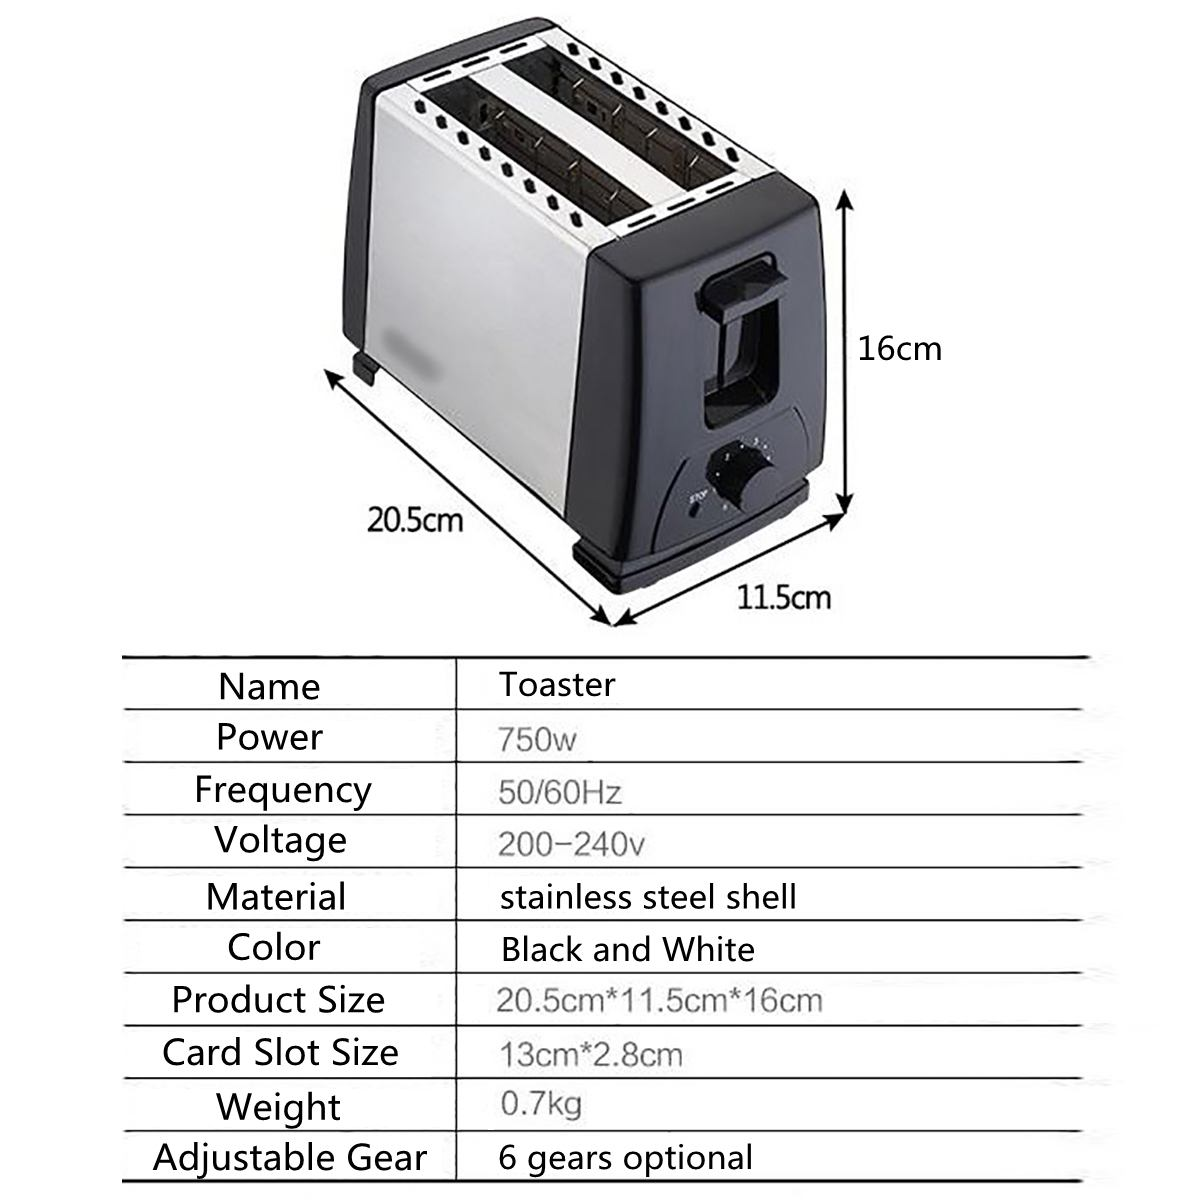 torradeira forno cozimento automatico rapido aquecimento pao 05